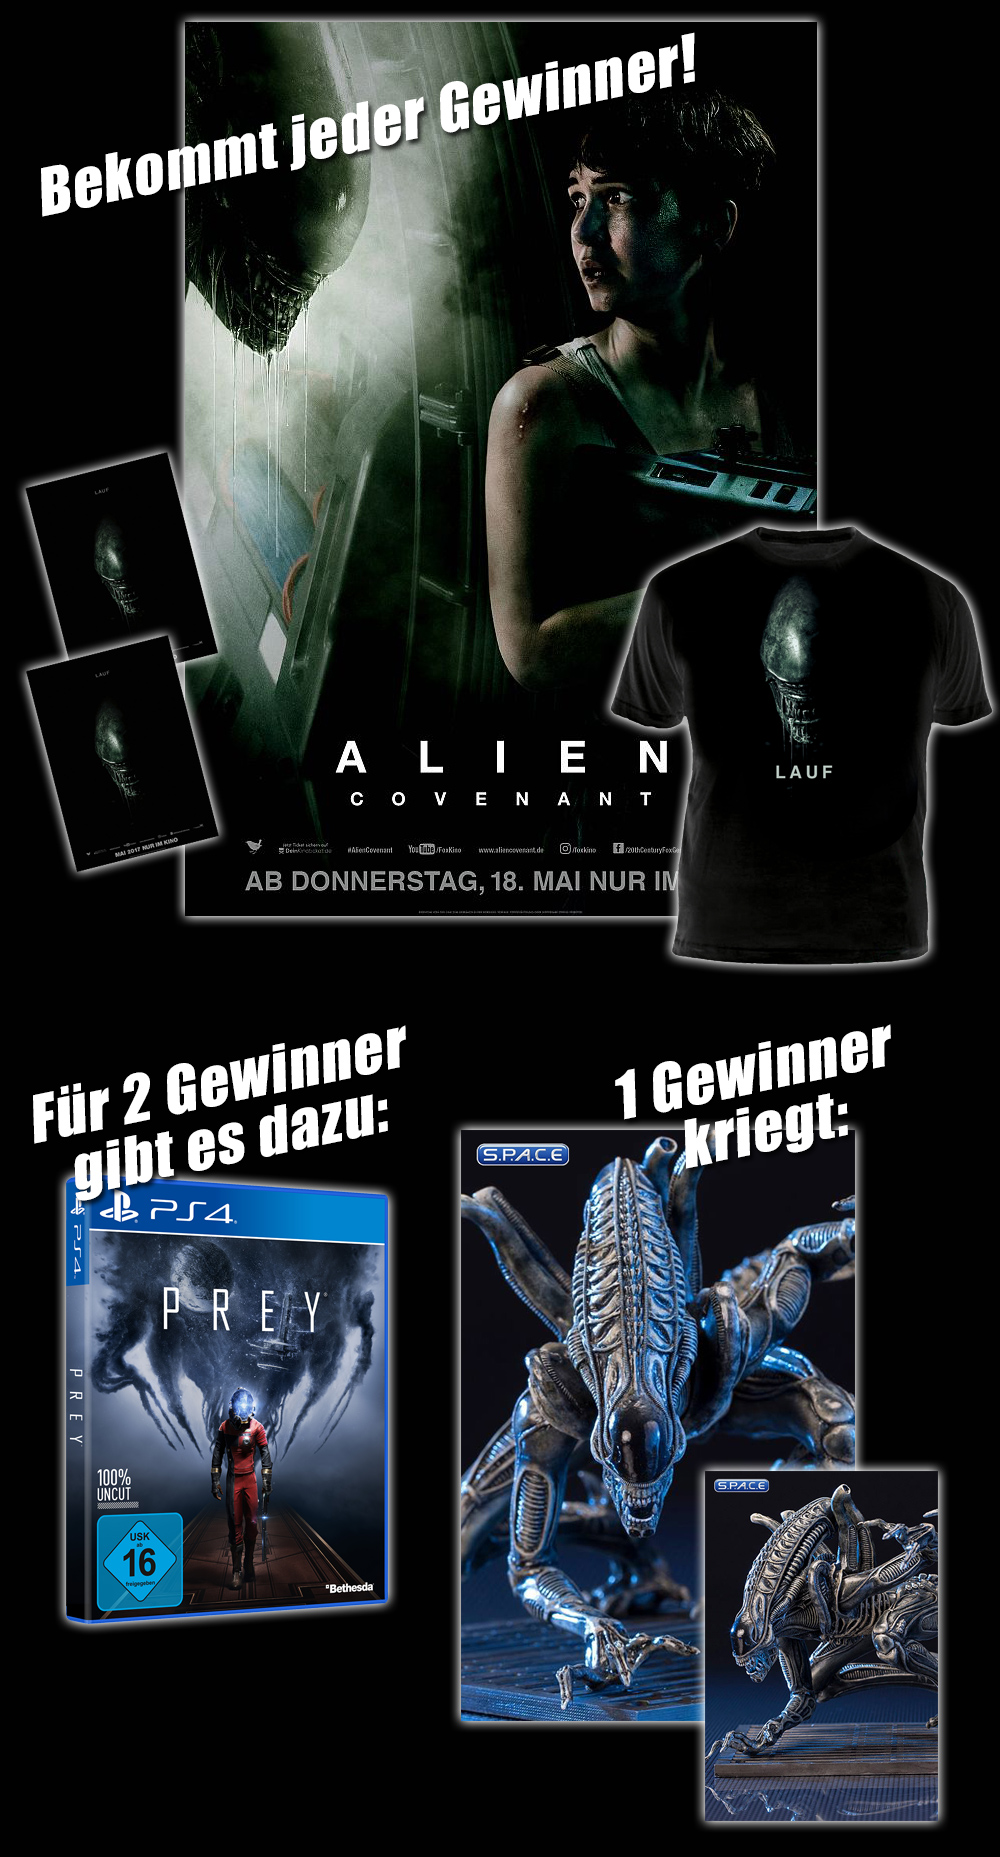 """Bild 1:Gewinn die Alien-Statue zum Filmstart von """"Alien - Covenant""""!"""